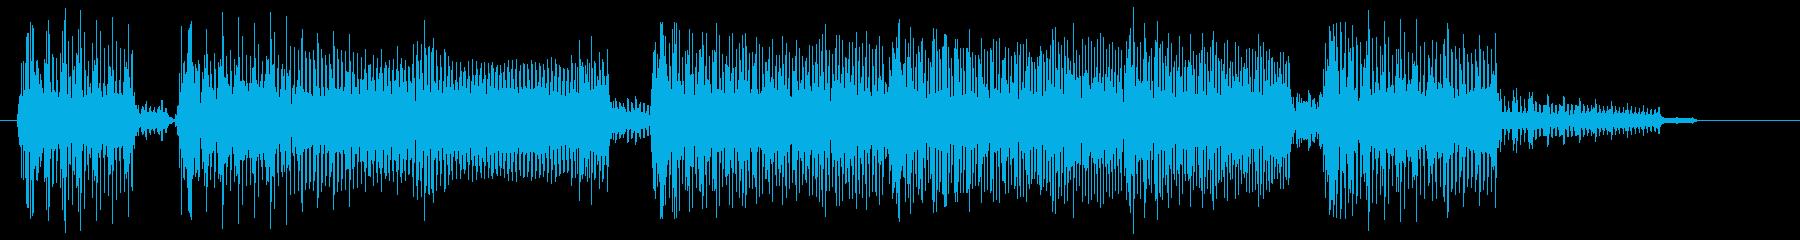 ゲーム音 場面転換の8bitなジングルの再生済みの波形